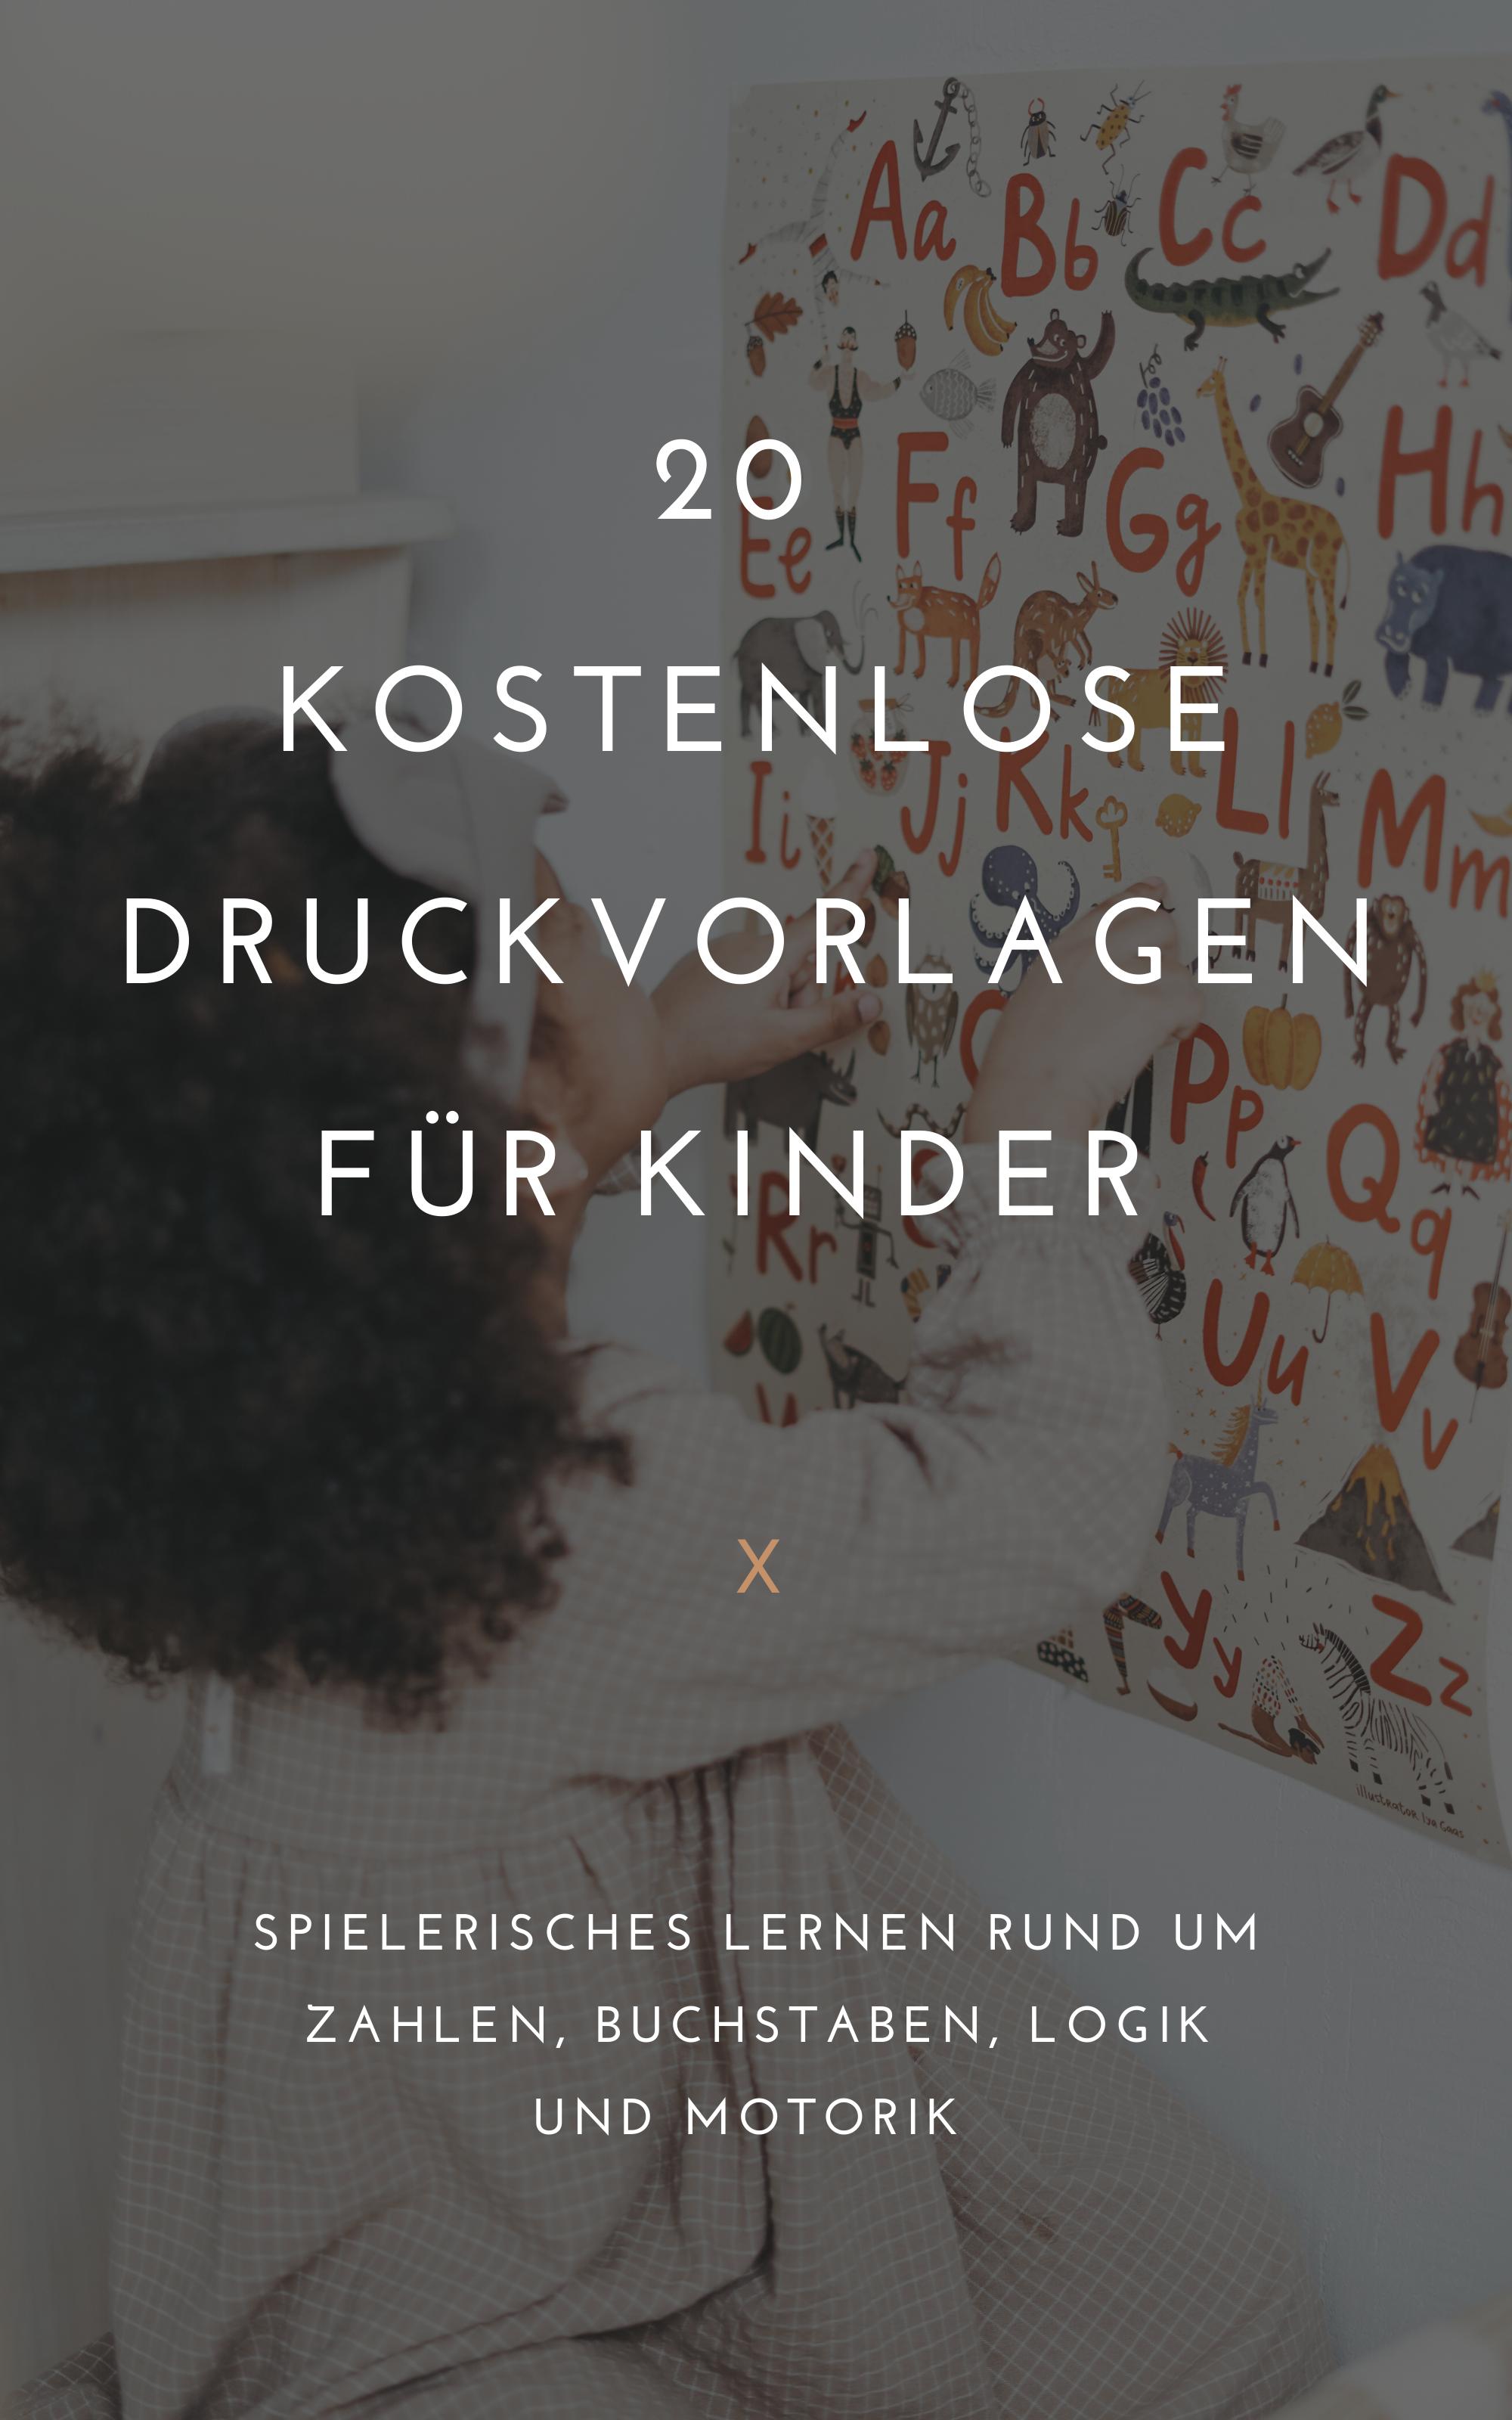 20 kostenlose Druckvorlagen für Kinder